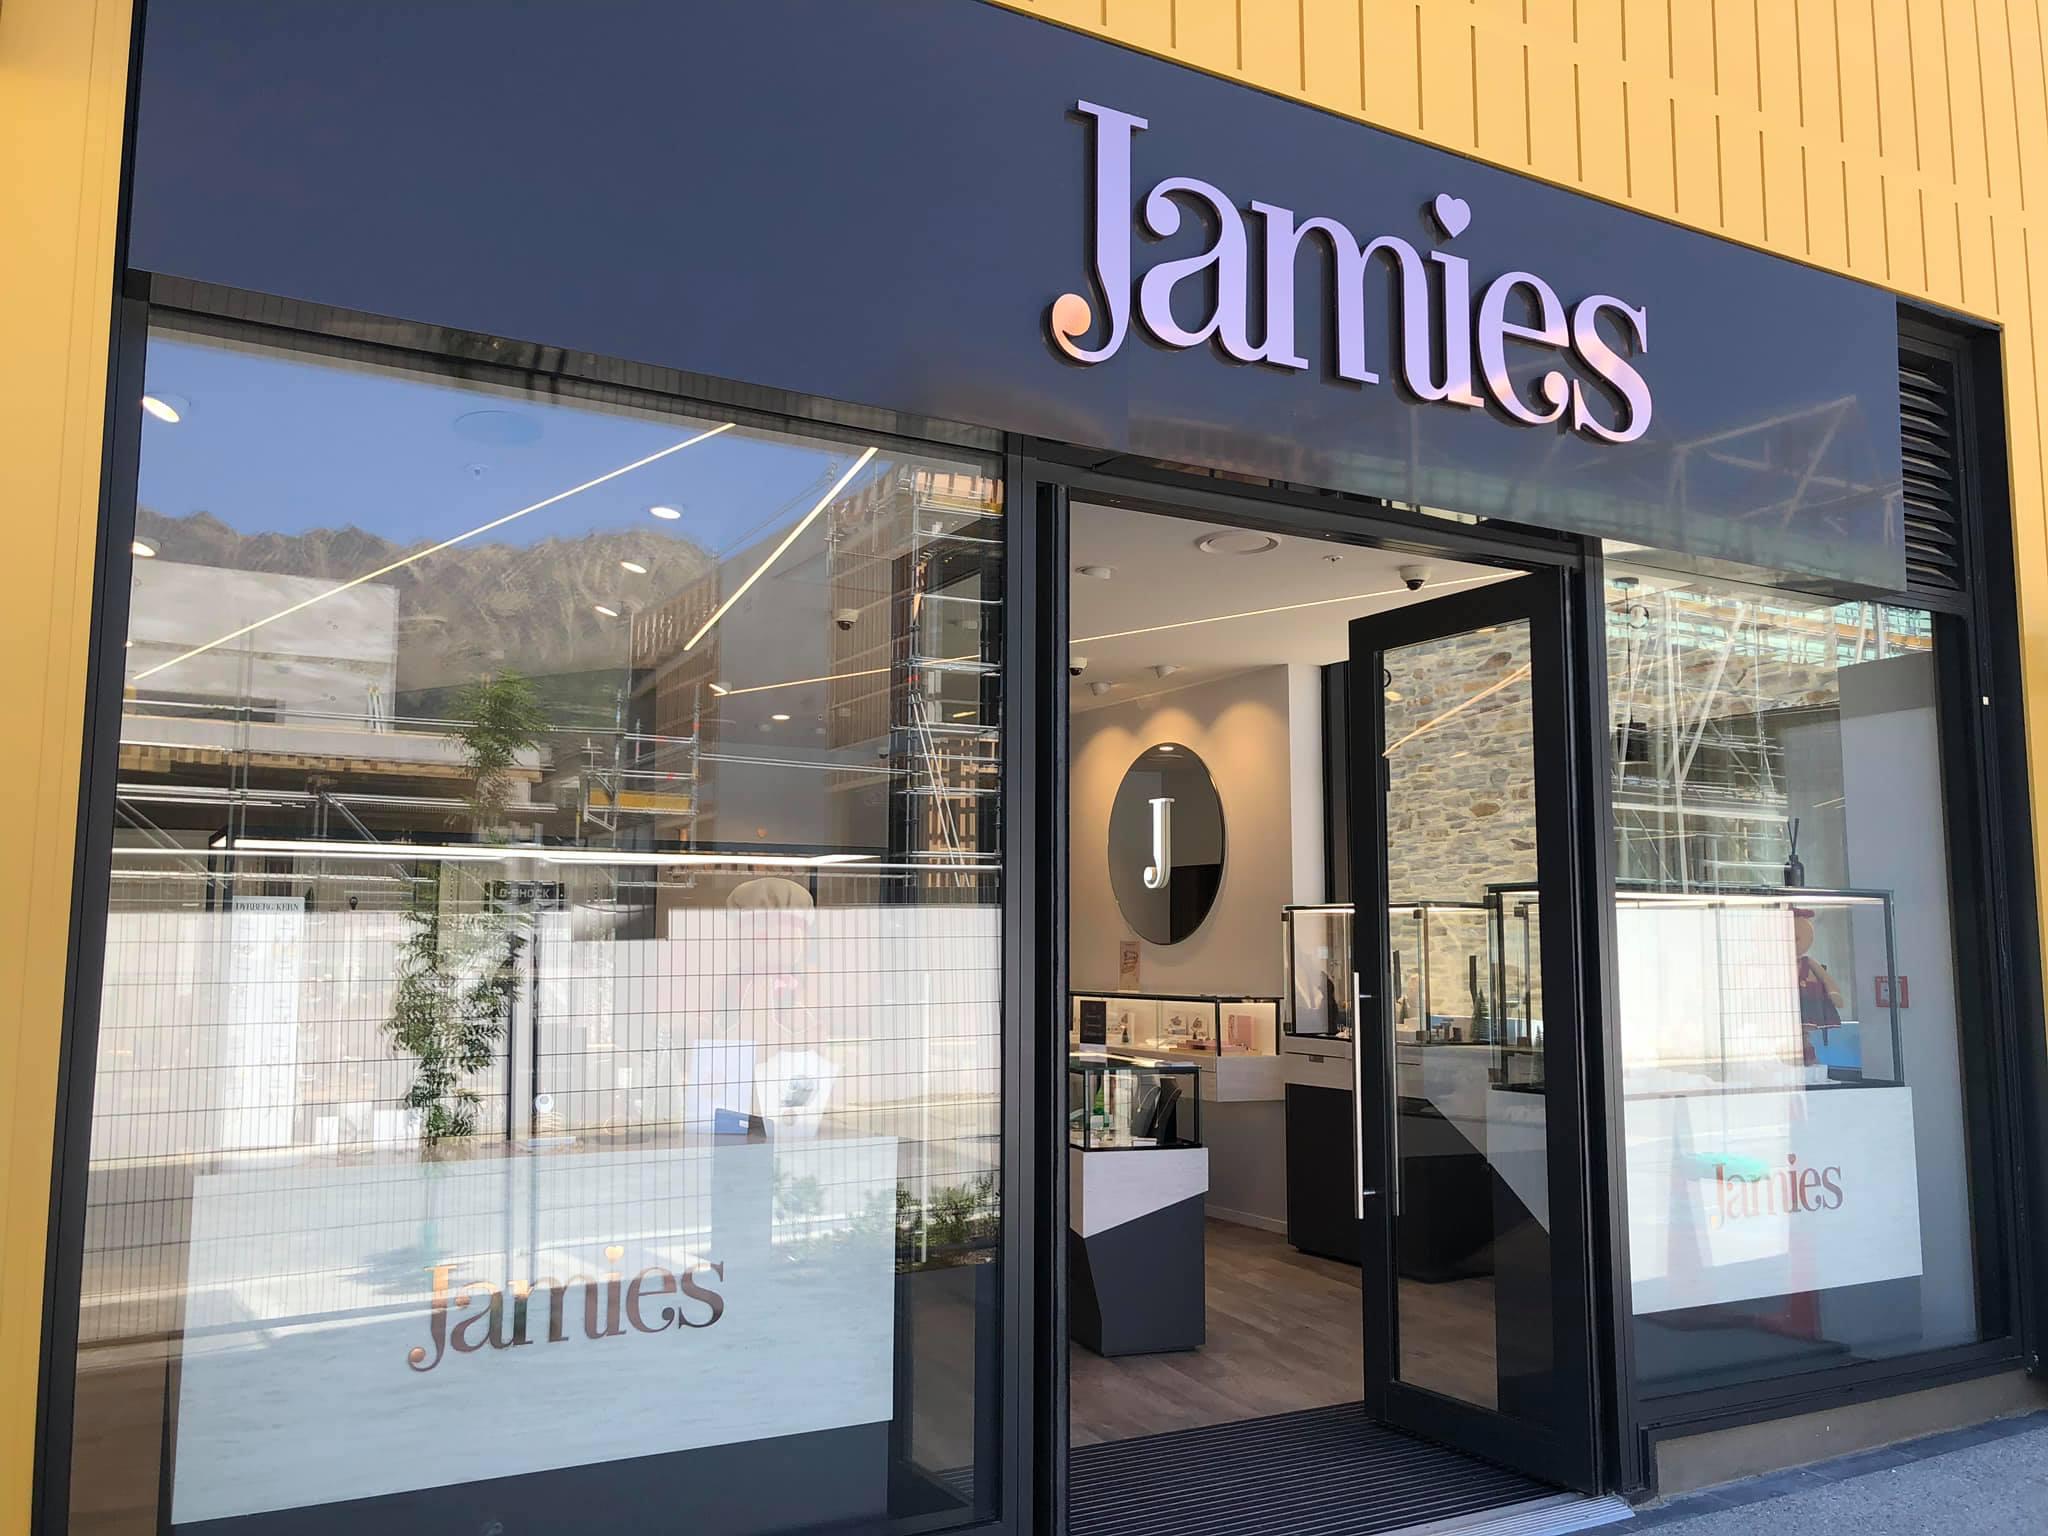 Jamies Jewellers